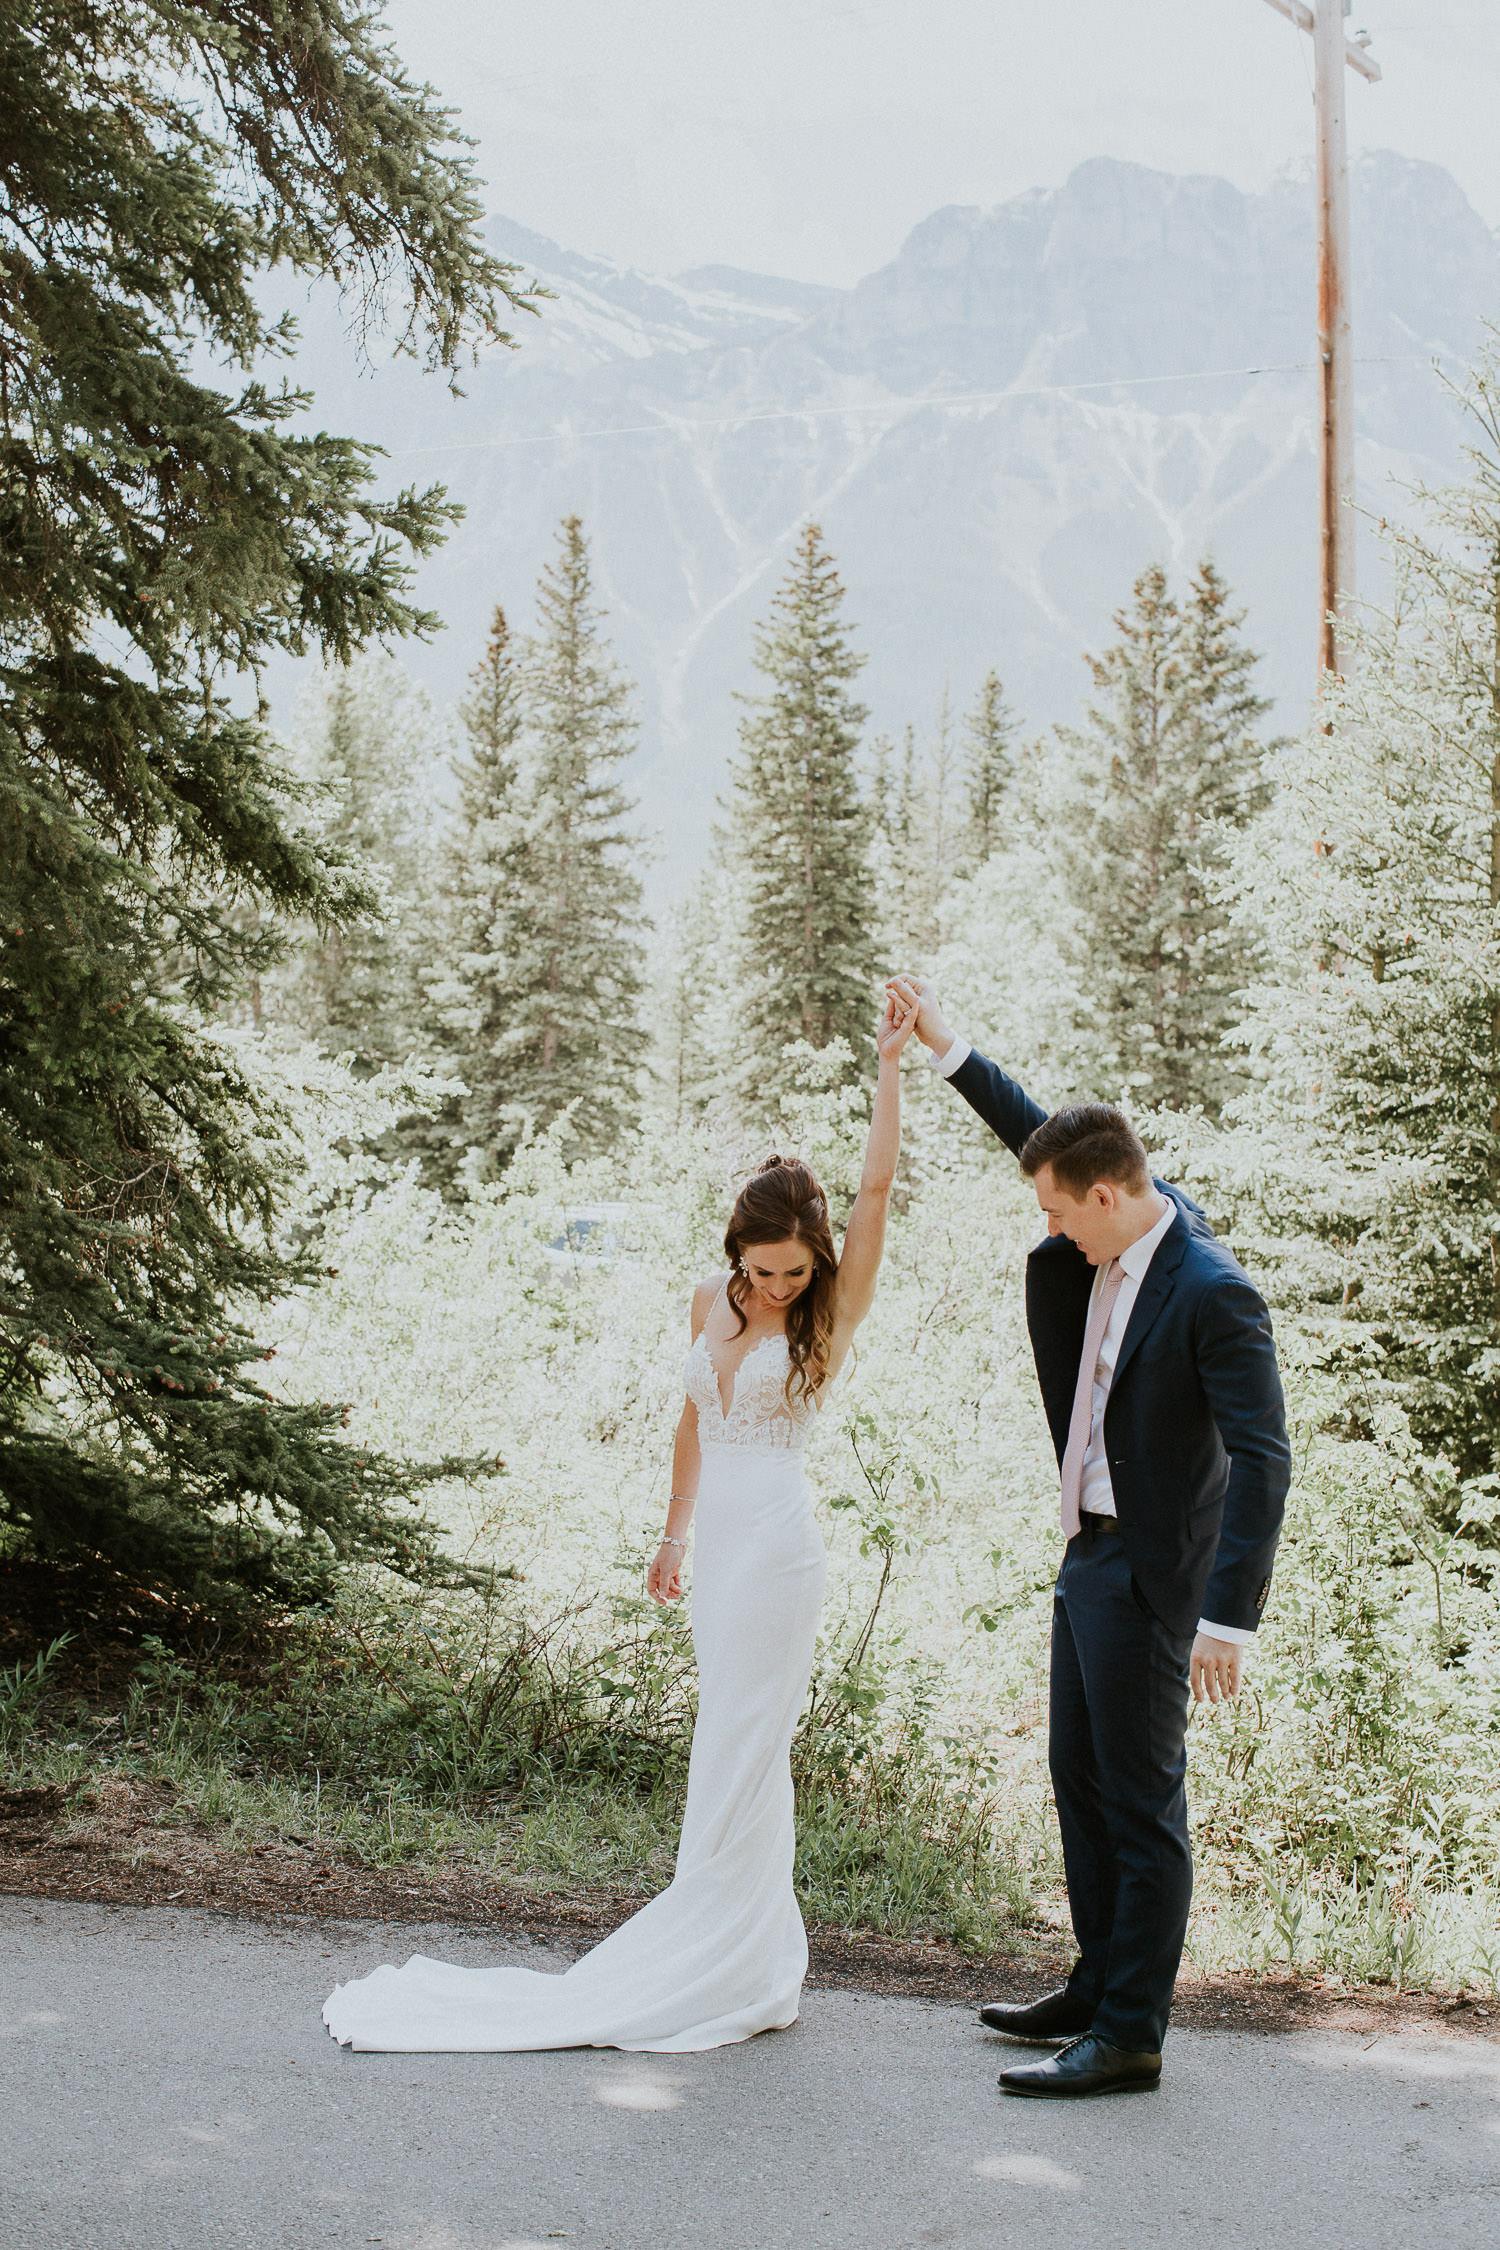 stewart-creek-wedding-sarah-pukin-088